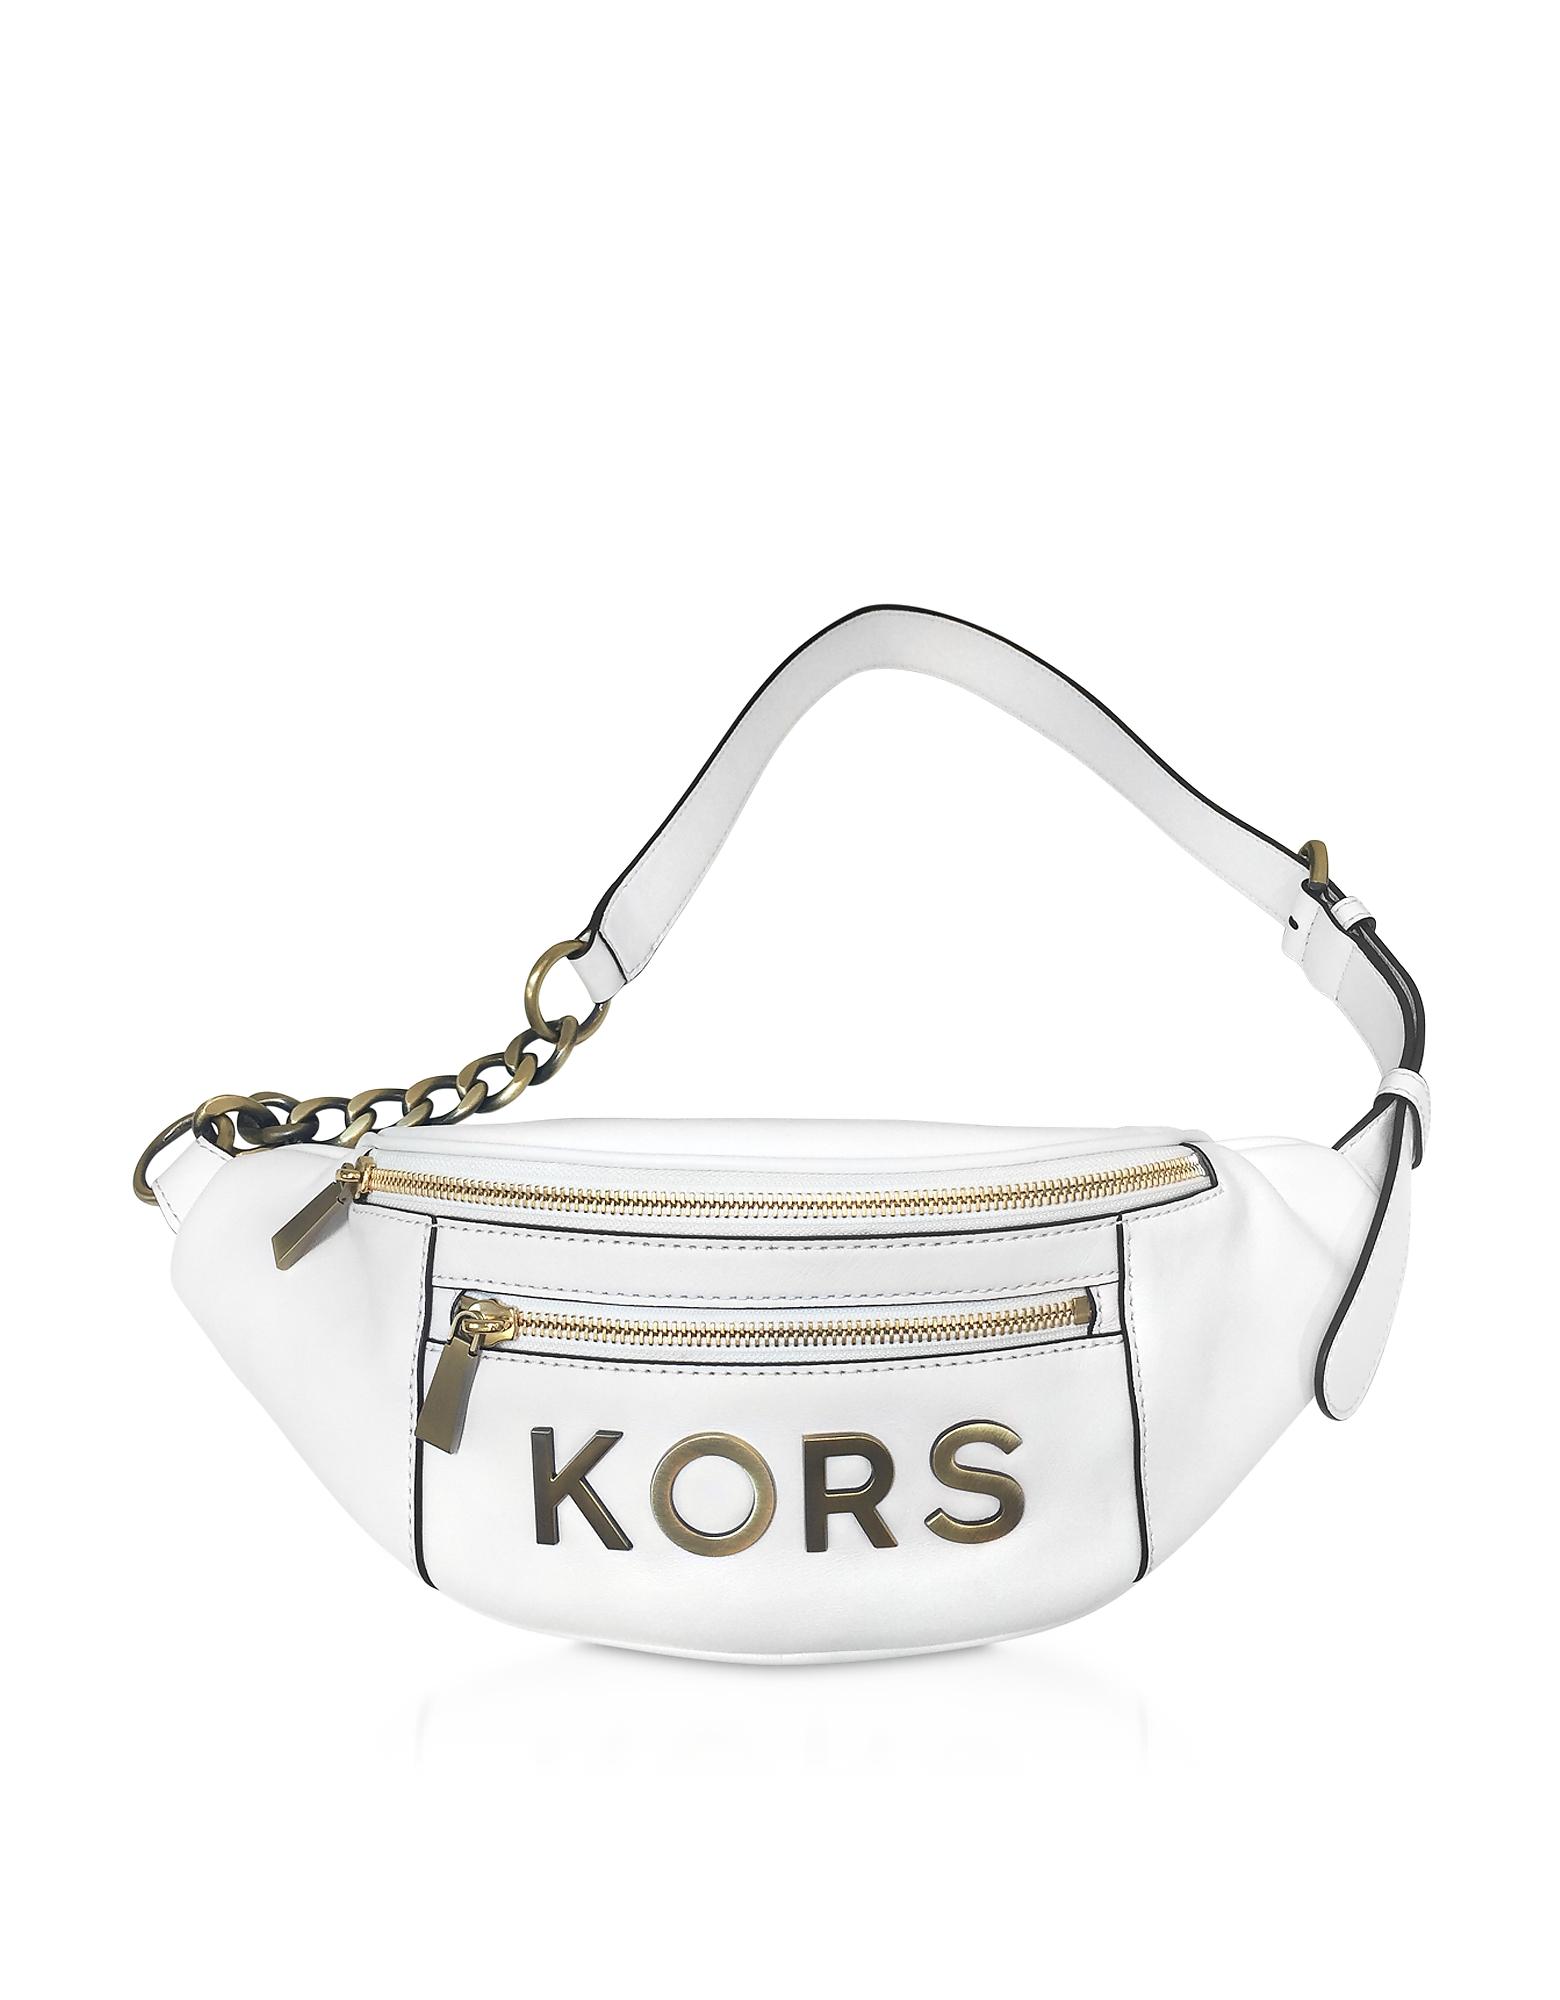 Optic White Kors Medium Belt Bag